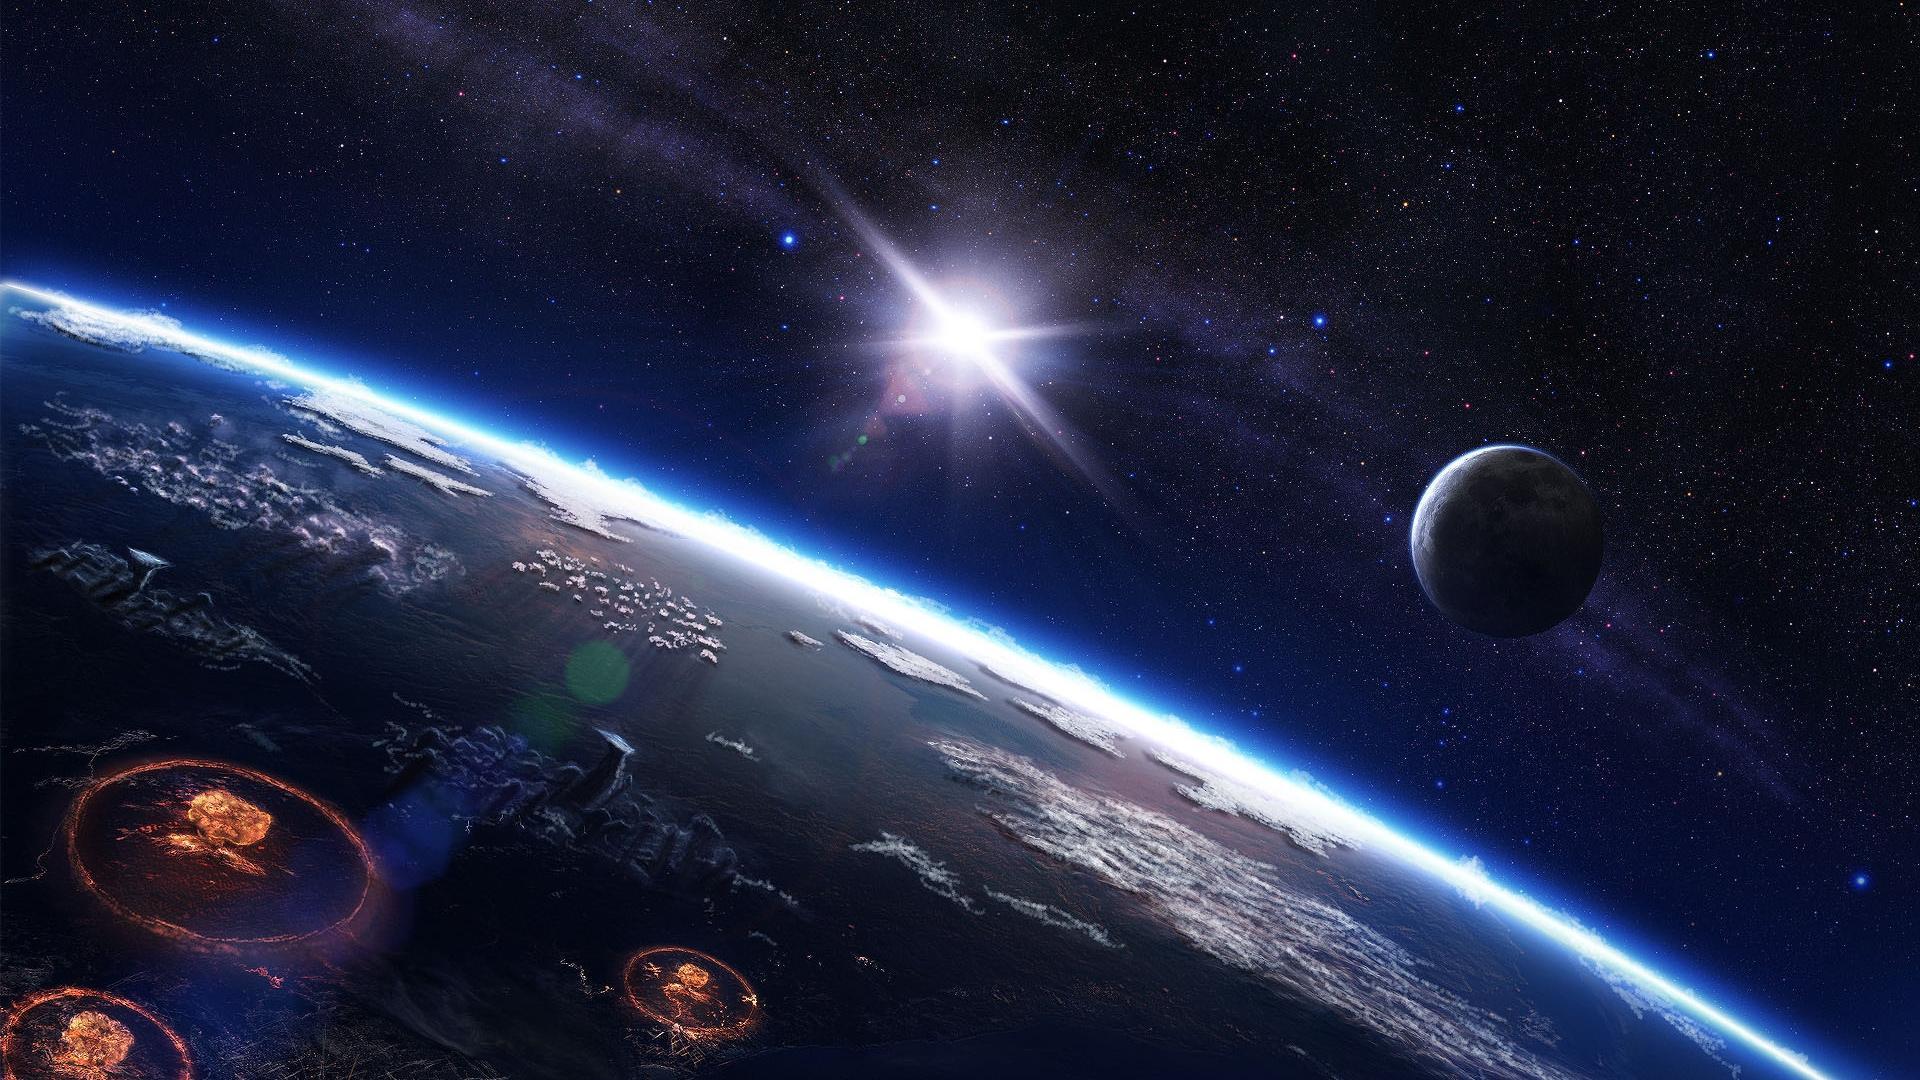 Красивые обои планет, космоса, галактик на рабочий стол - подборка 12